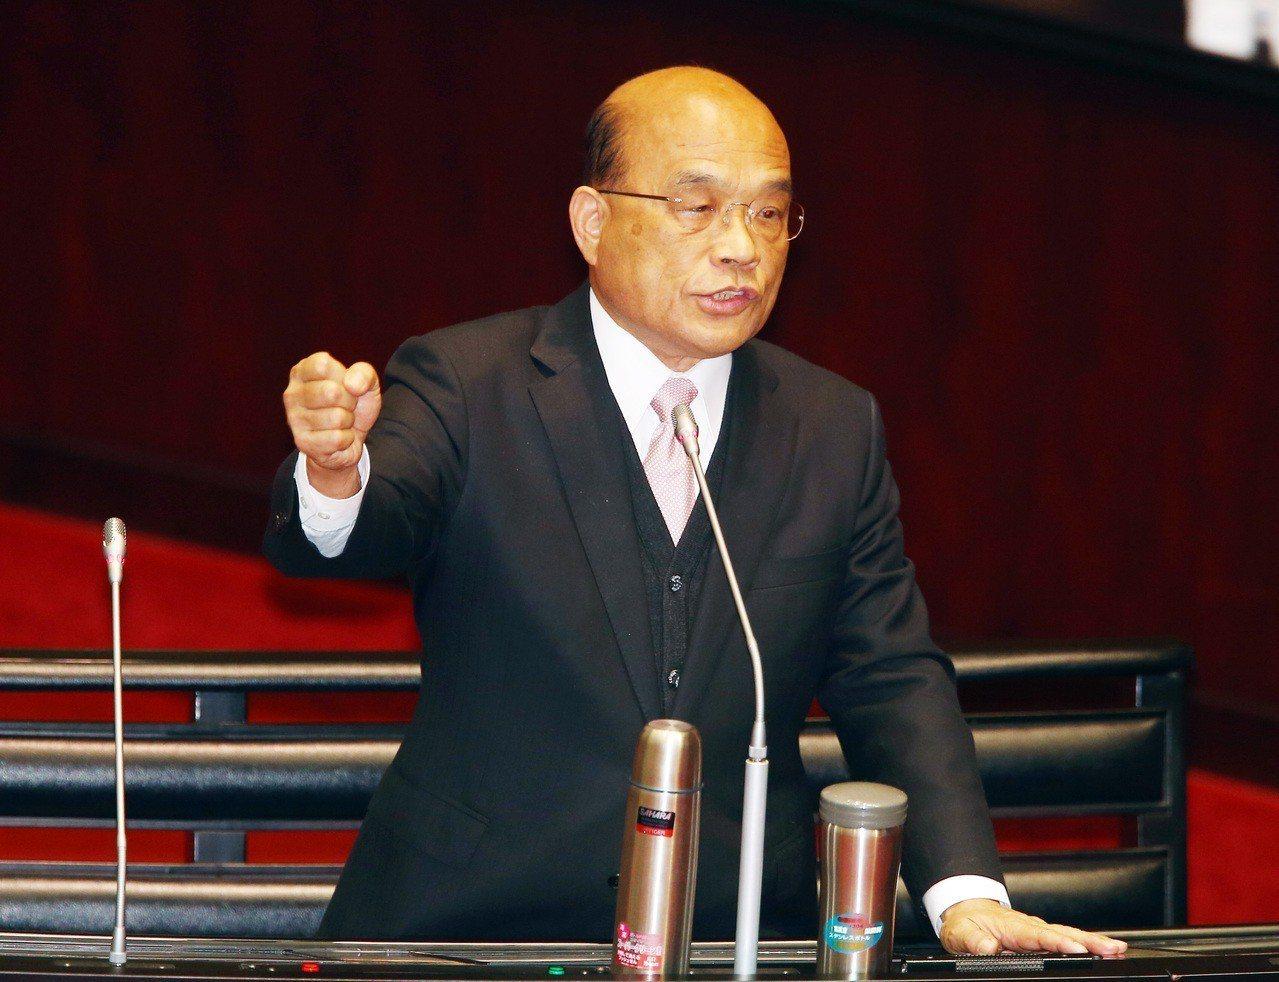 蘇貞昌擔任行政院長後,訴求會做事。 本報資料照